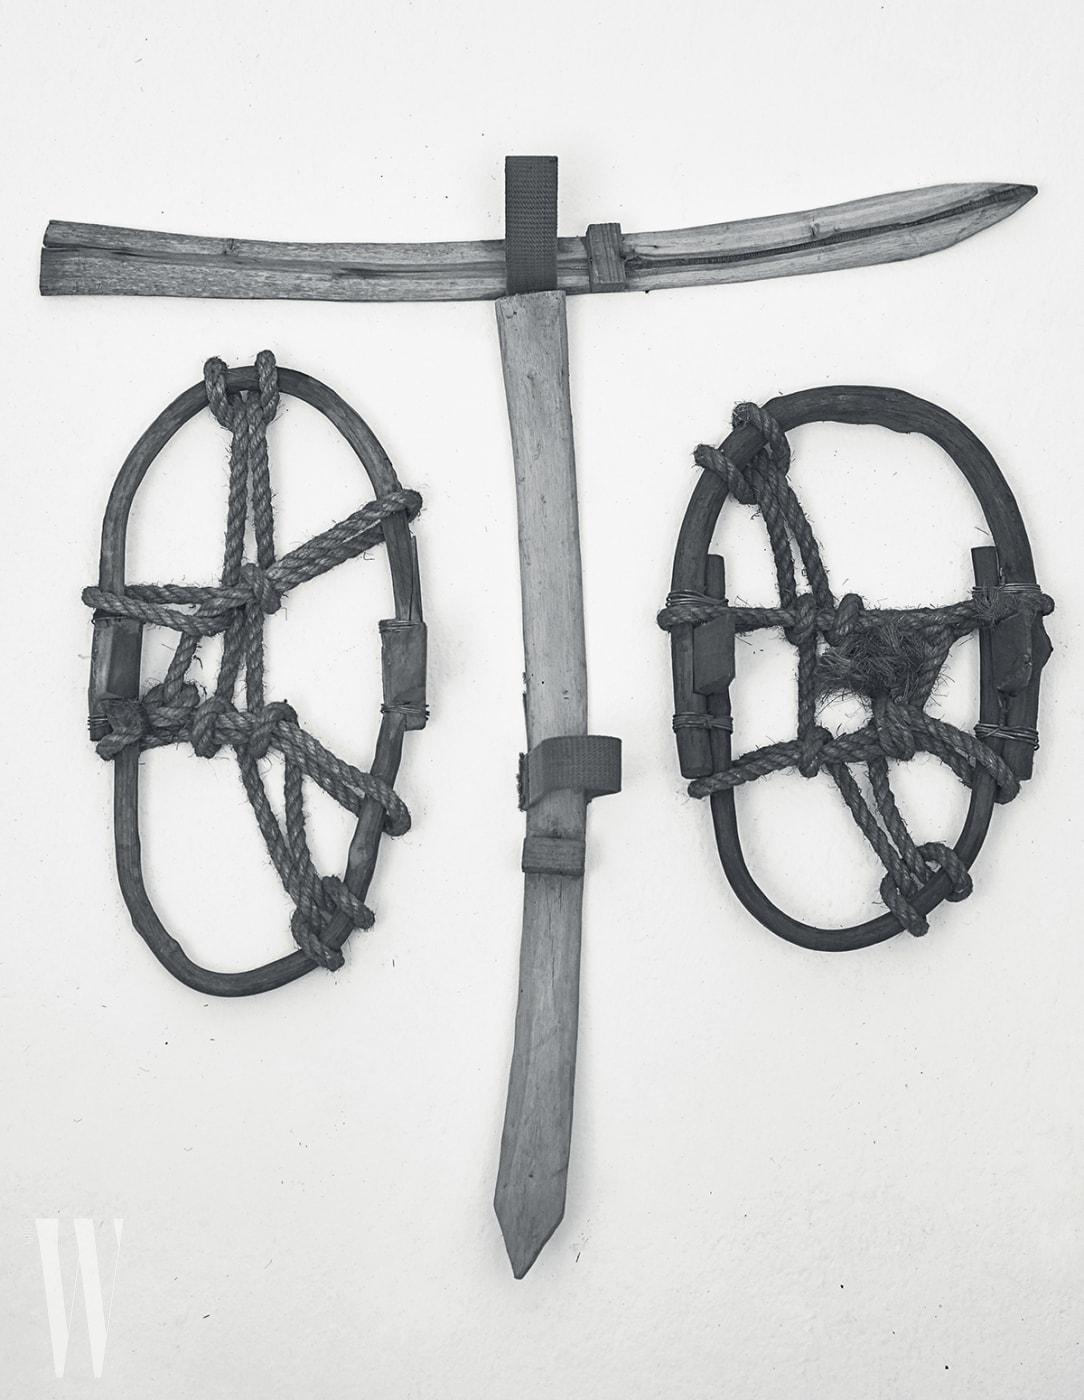 조선시대에사용한 스키와눈밭에서발을 겨울 보호해준 신발보호대.